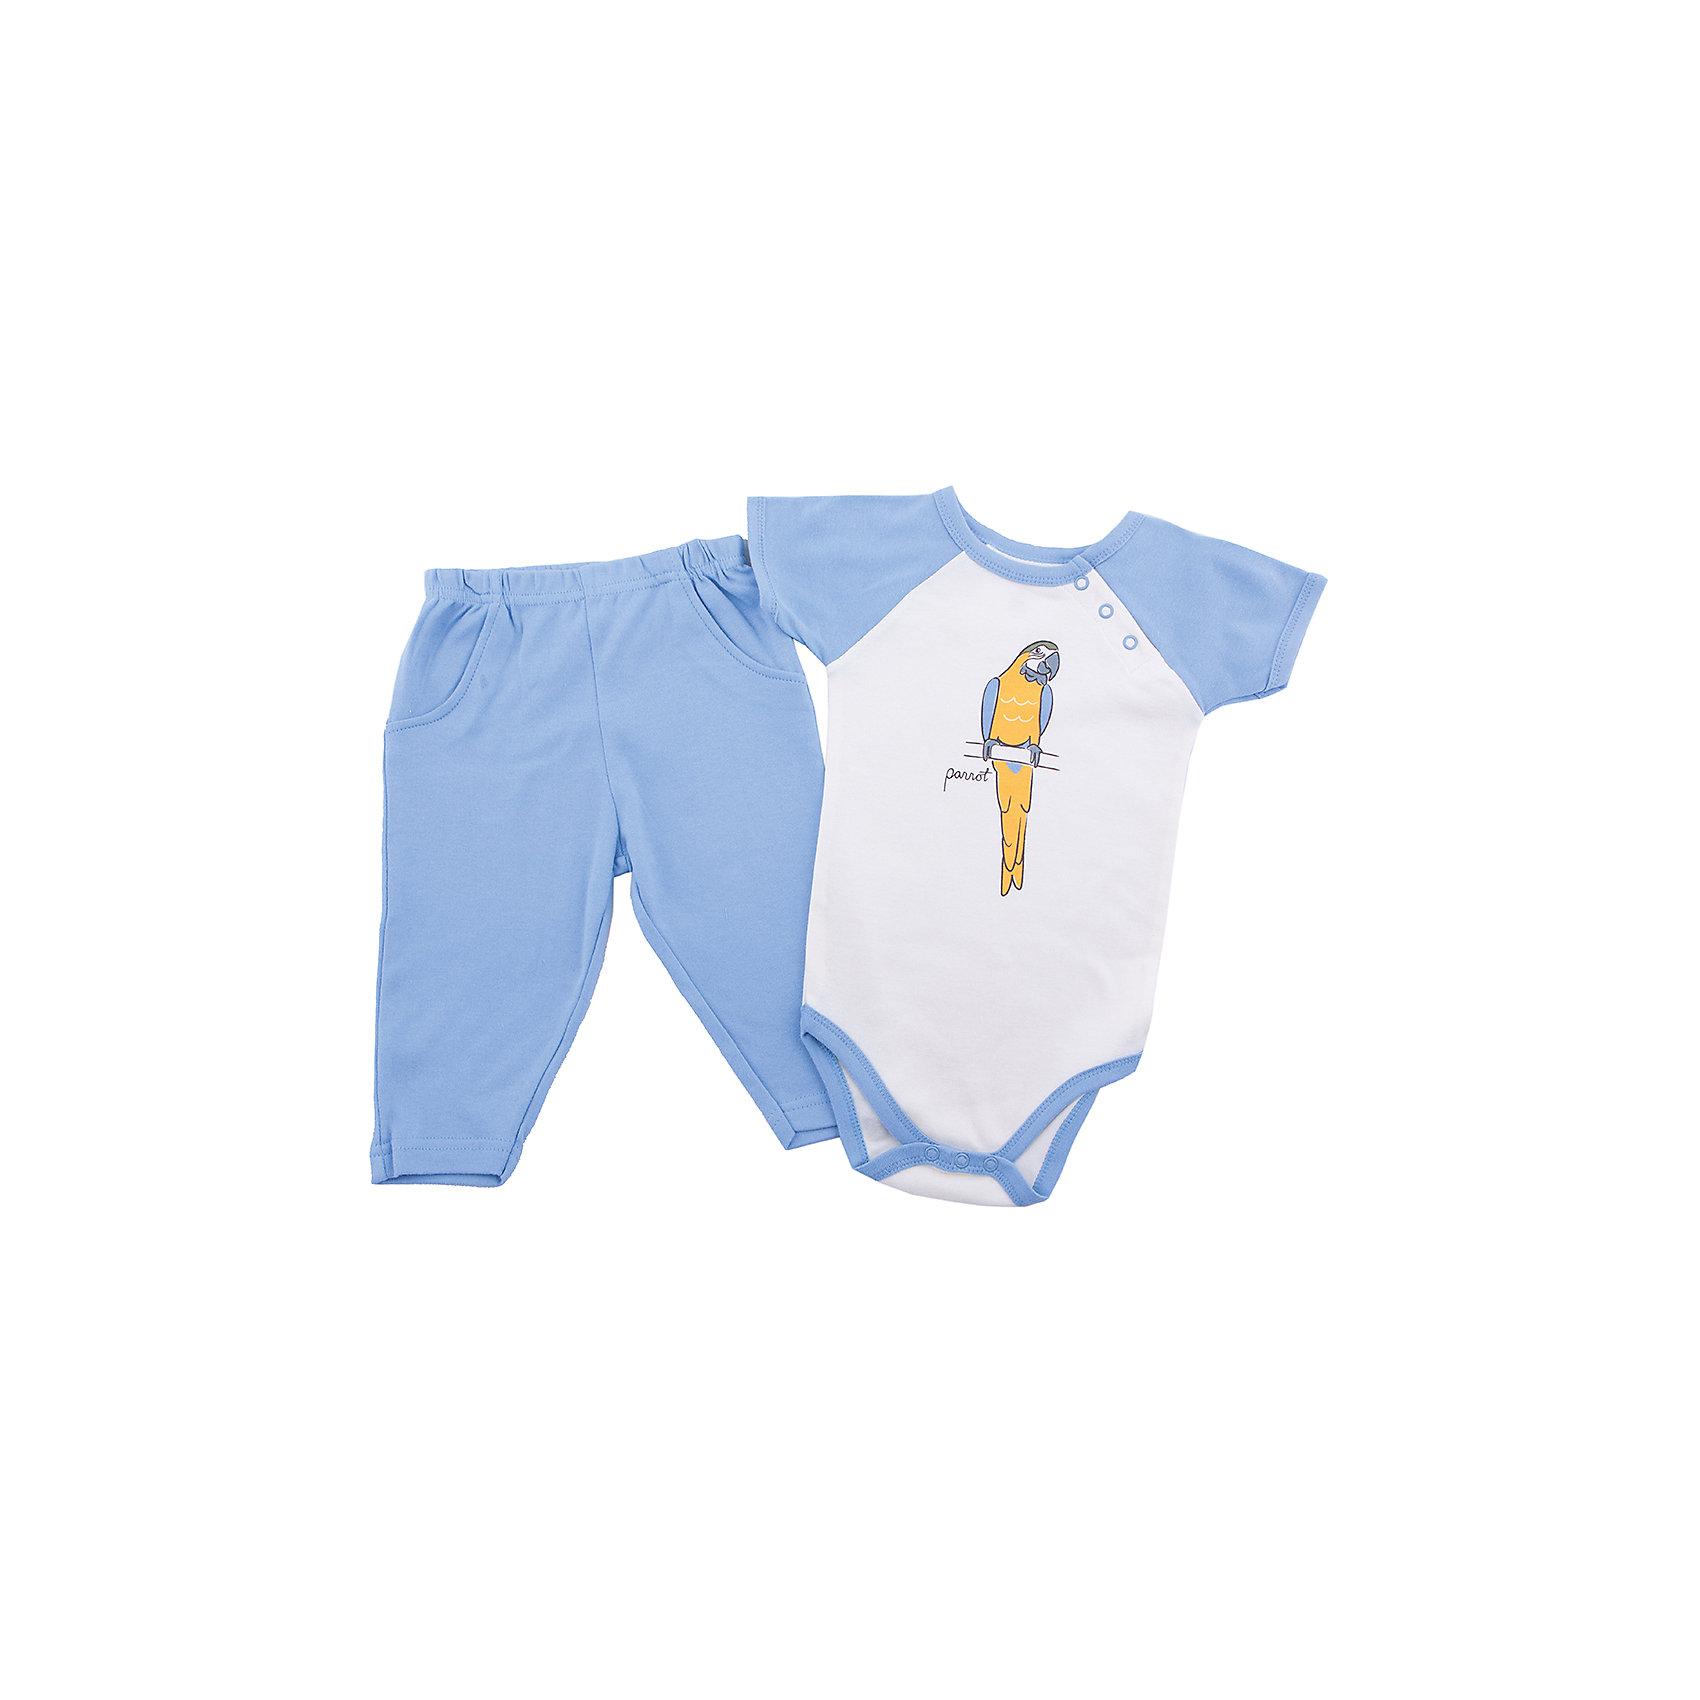 Hudson Baby Комплект для мальчика: боди и штанишки для мальчика Hudson Baby hudson baby комплект для девочки боди и штанишки для девочки hudson baby